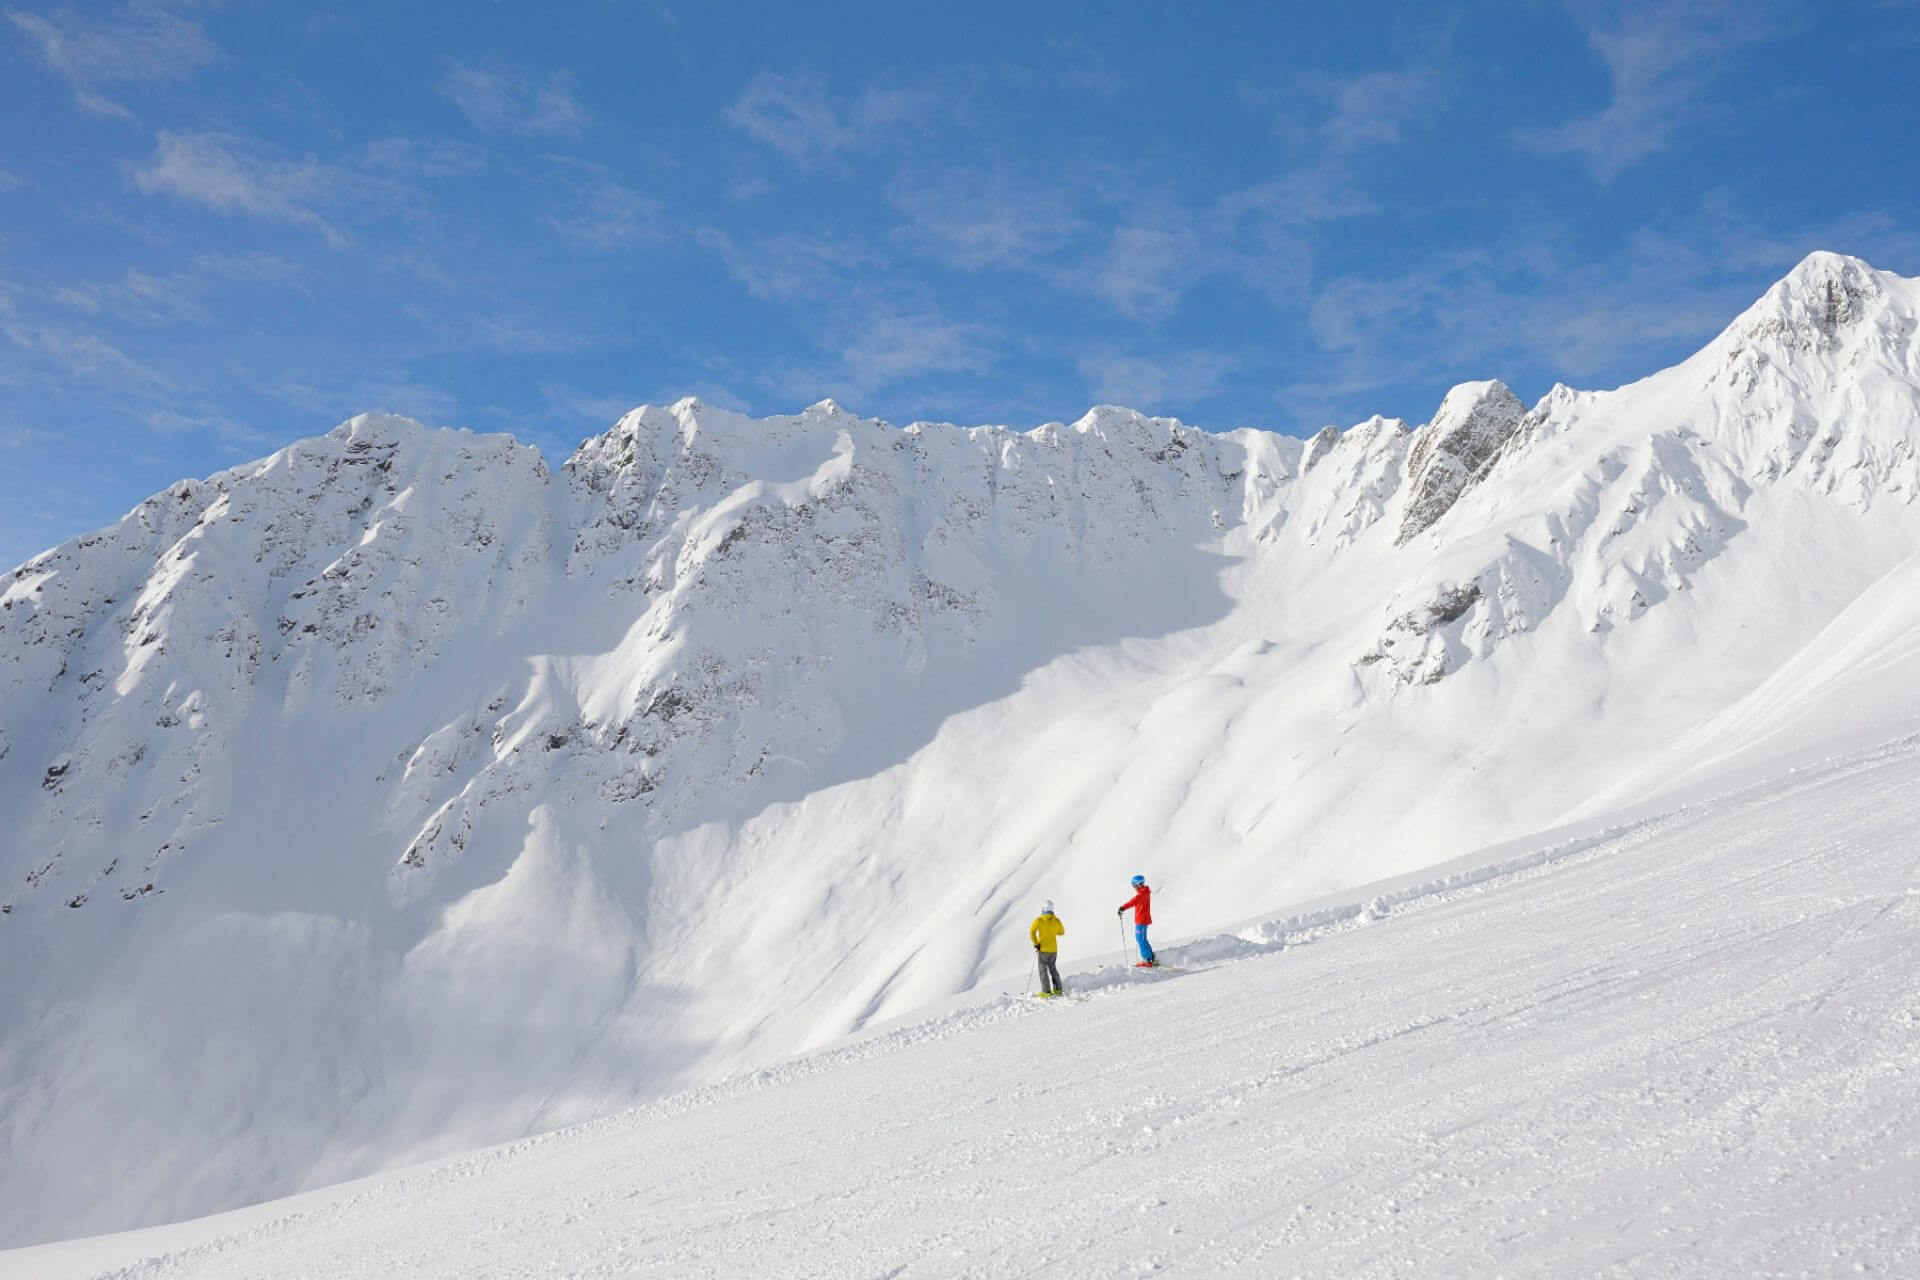 Ski fahren entlang einer beeindruckenden Bergkulisse in Kappl.